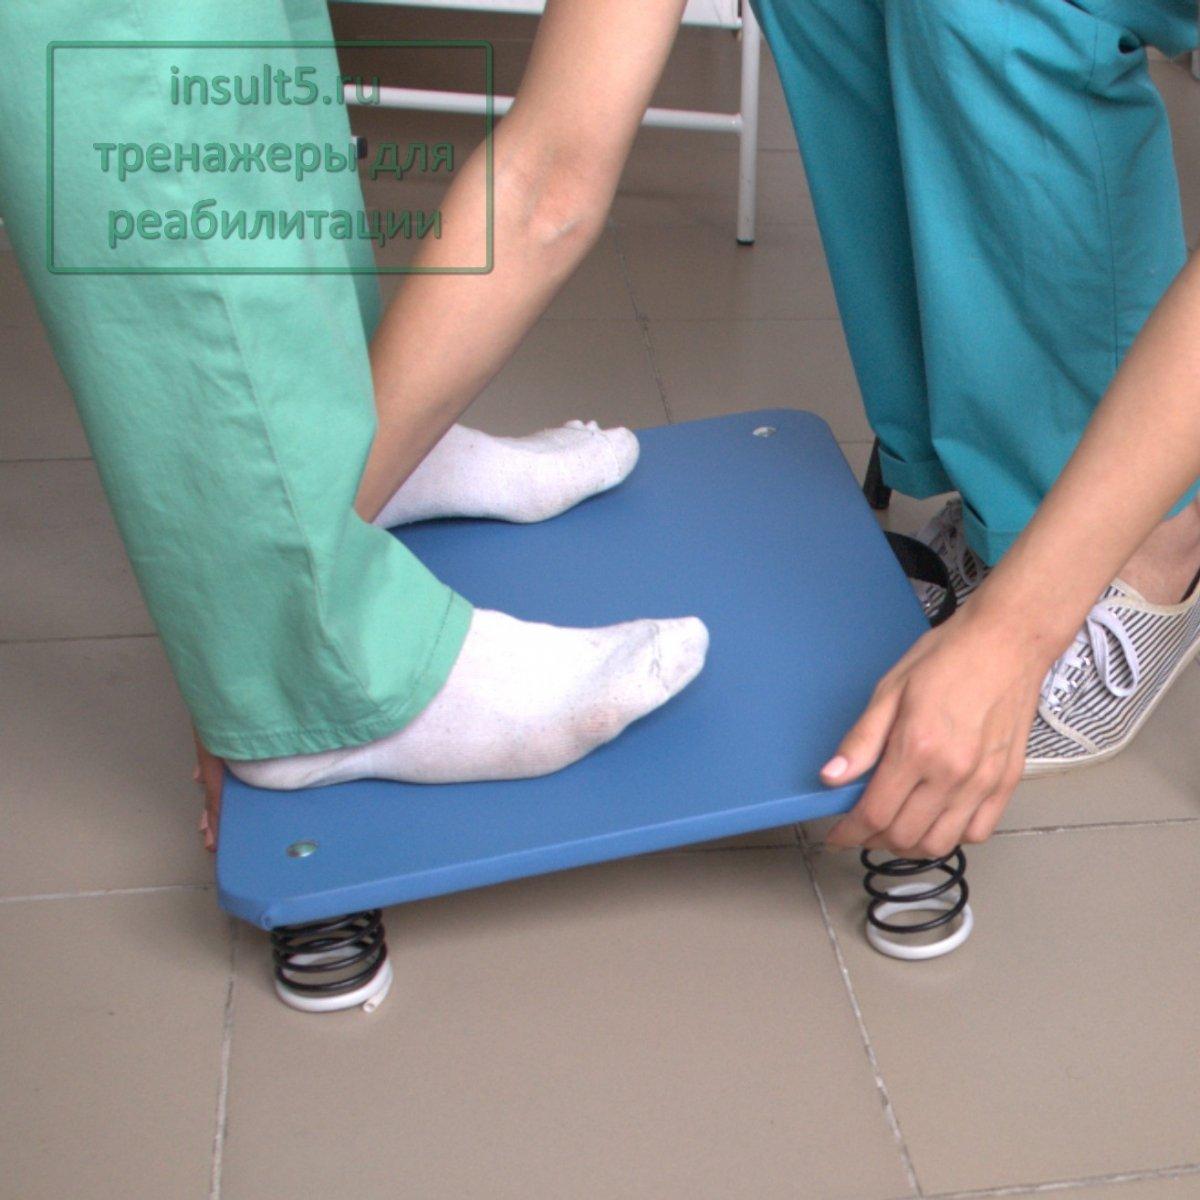 Тренажеры в домашних условиях после инсульта